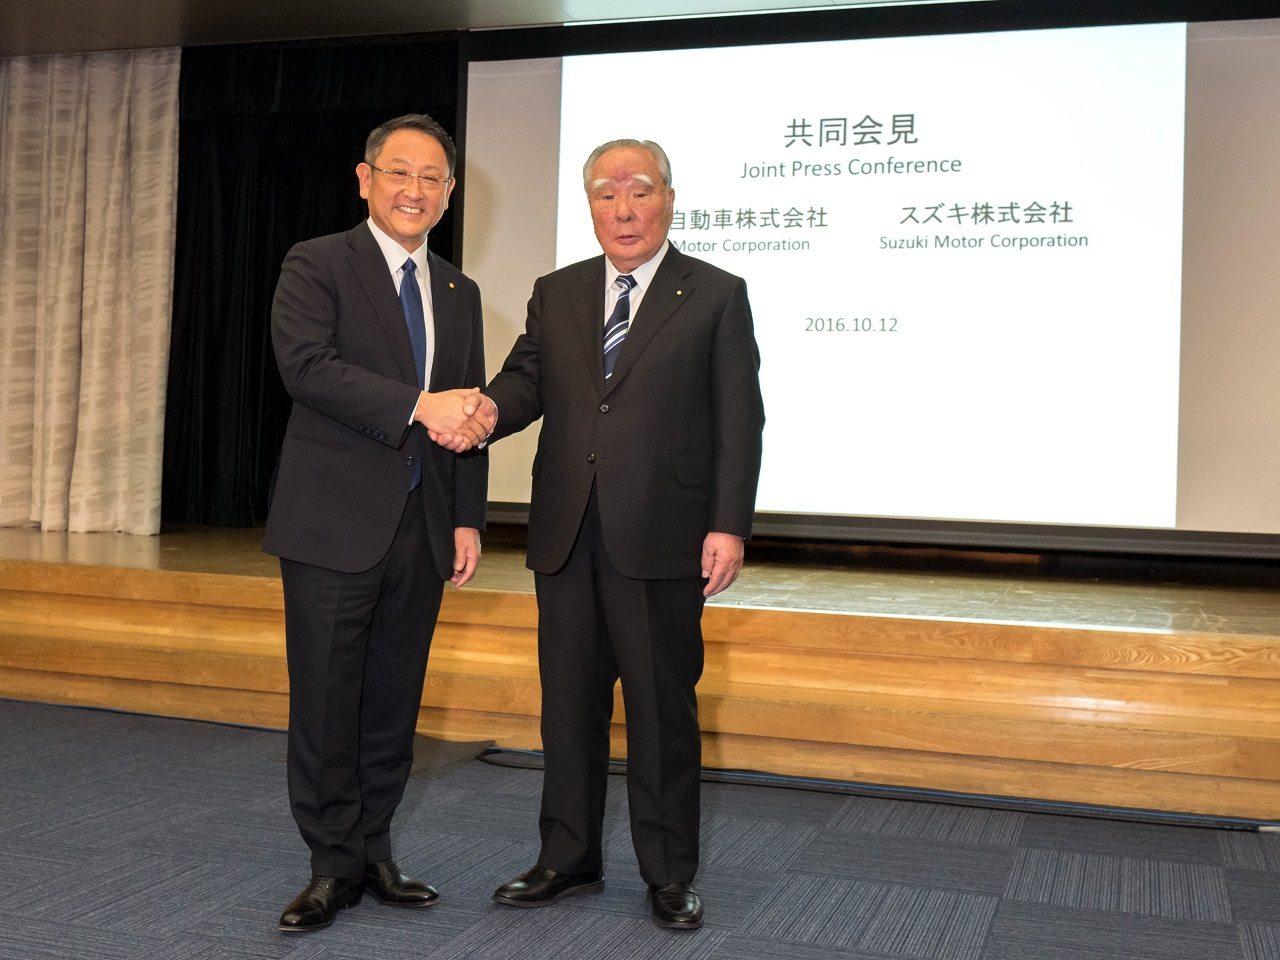 אקיו טויוטדה ואוסמו סוזוקי מכריזים על שתפ 0044